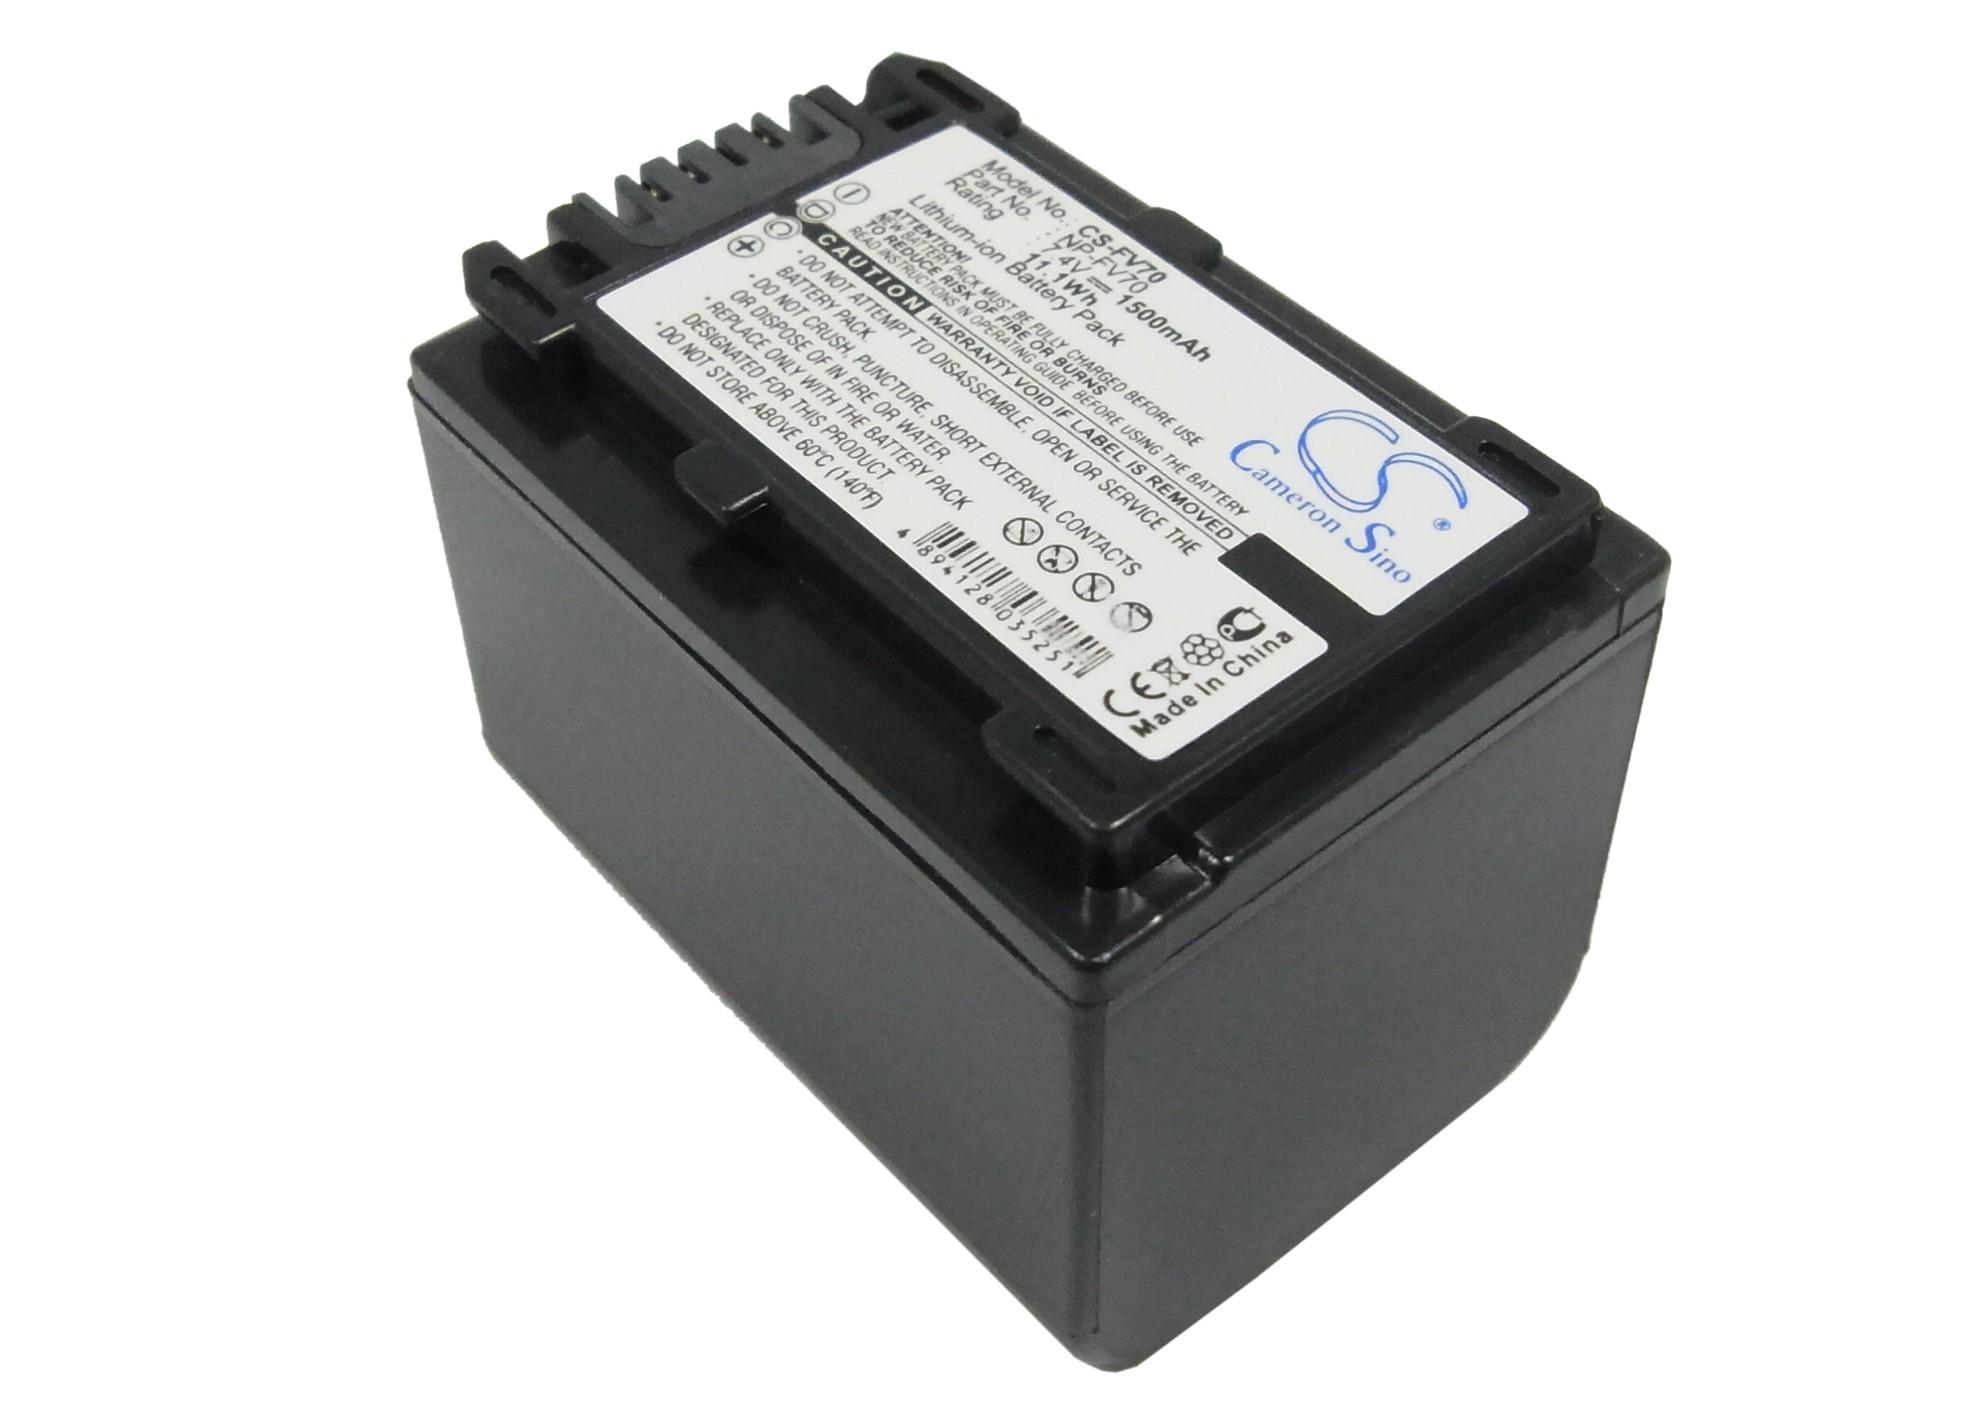 Cameron Sino baterie do kamer a fotoaparátů pro SONY DCR-HC20E 7.4V Li-ion 1500mAh černá - neoriginální